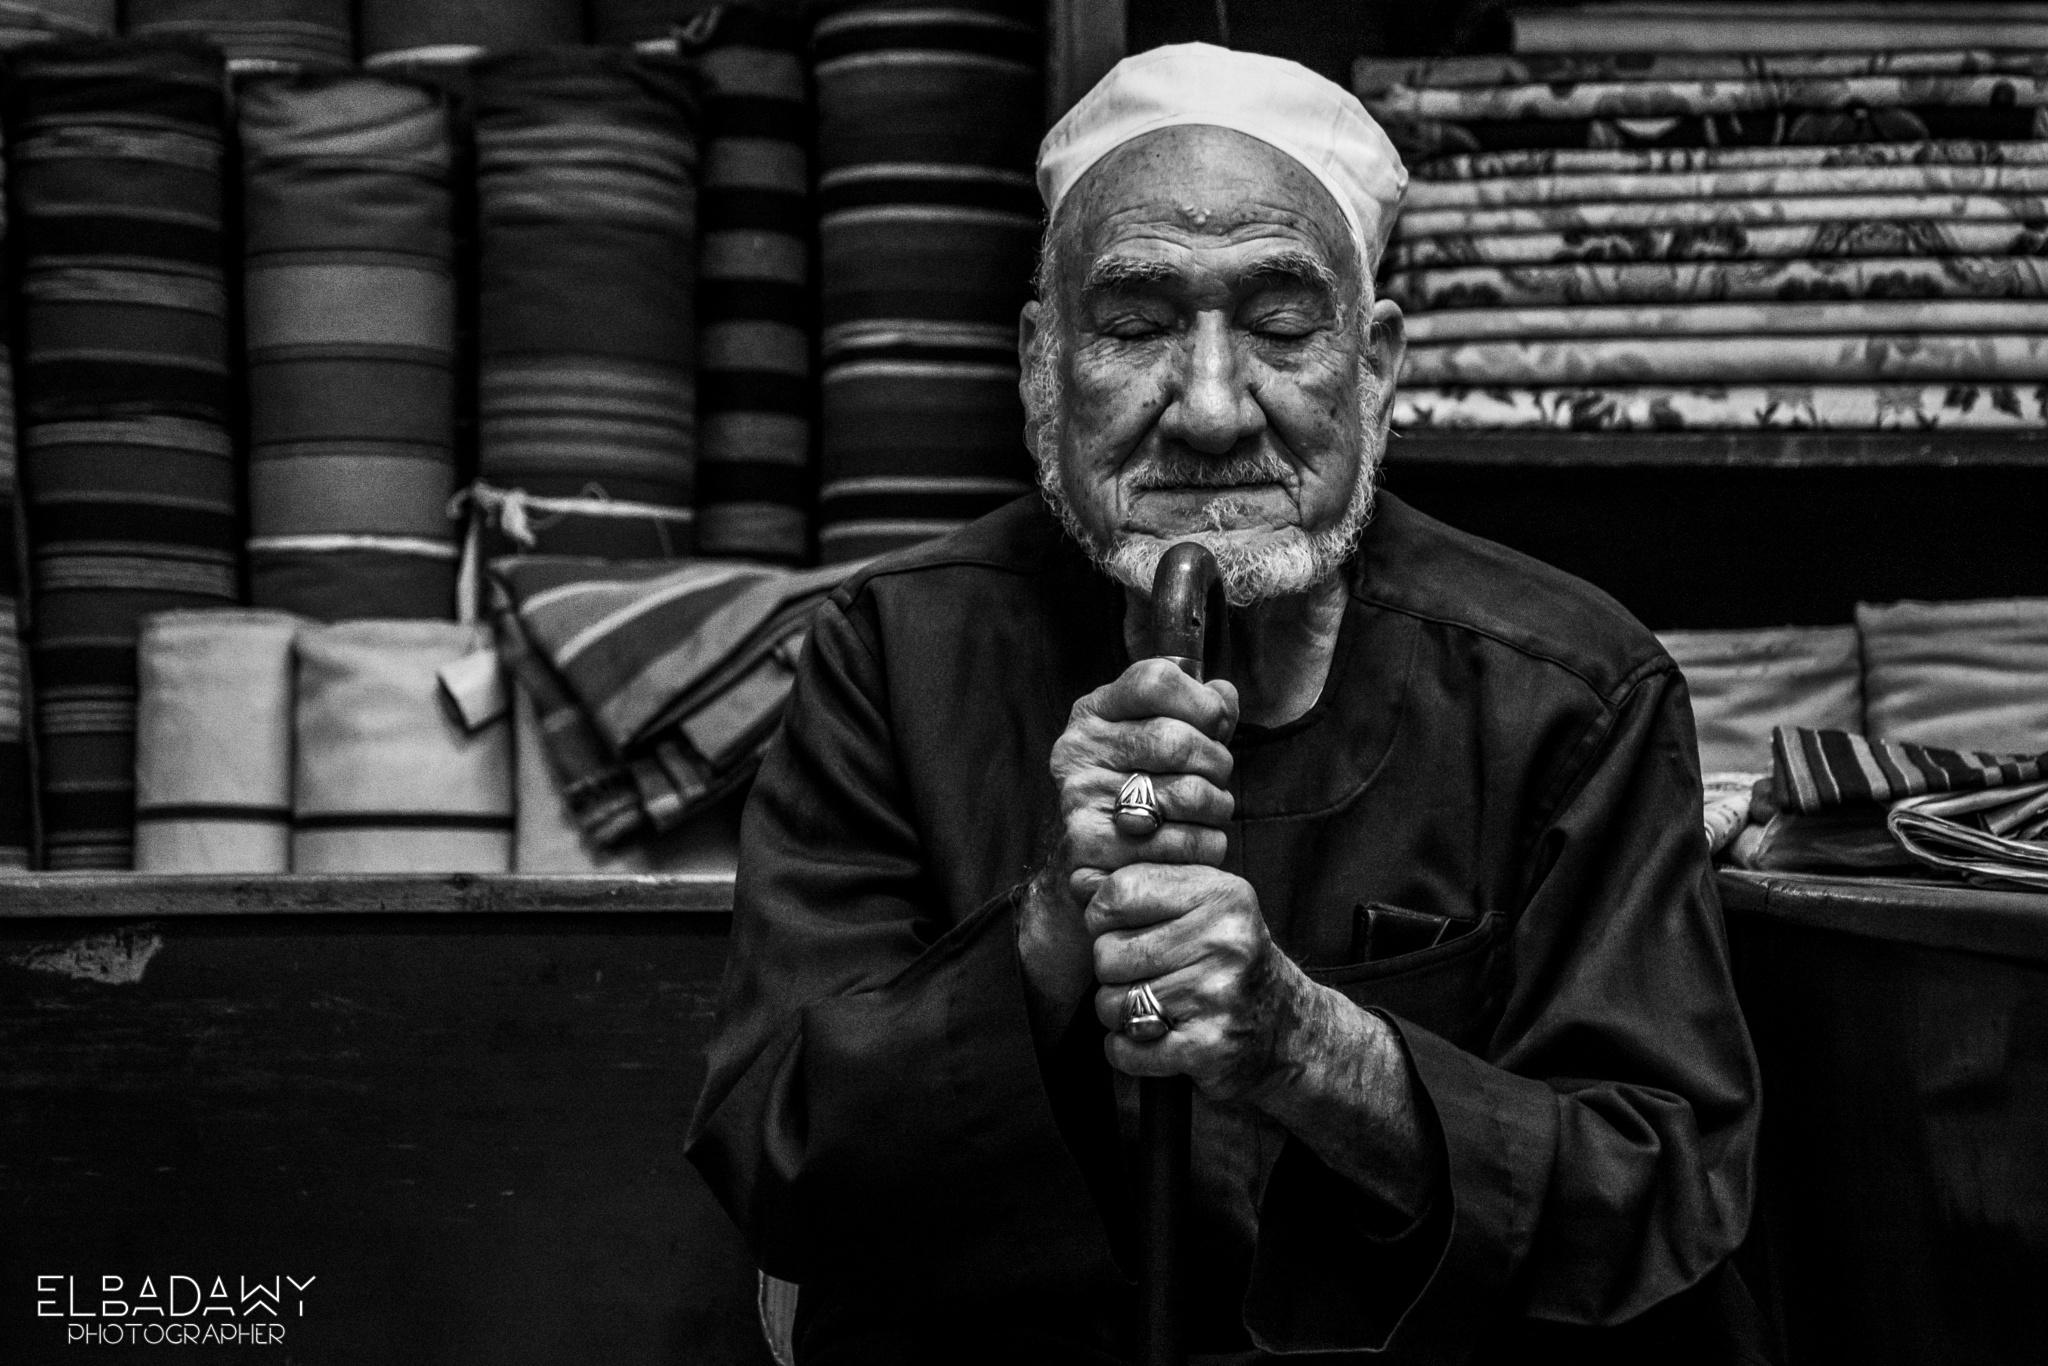 Memories by Mahmoud Elbadawy